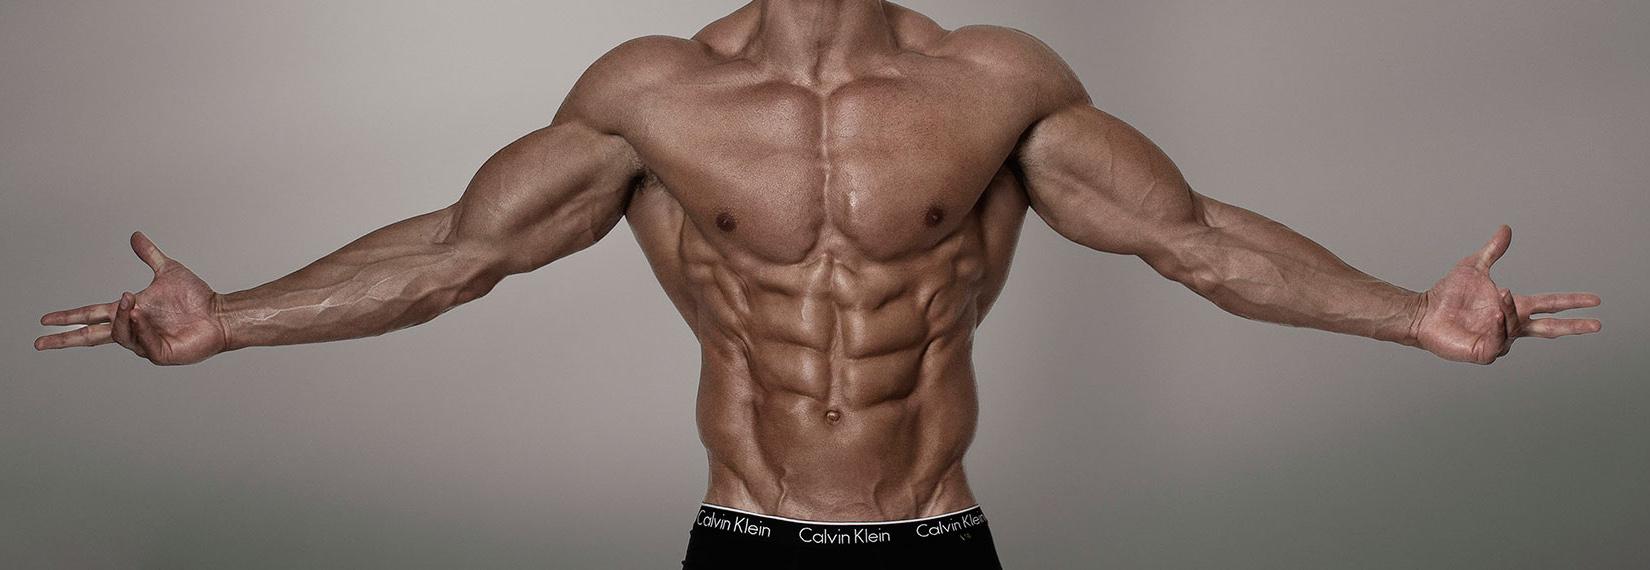 تصویر از تمرینهایی برای تقویت عضلات سینه و شکم